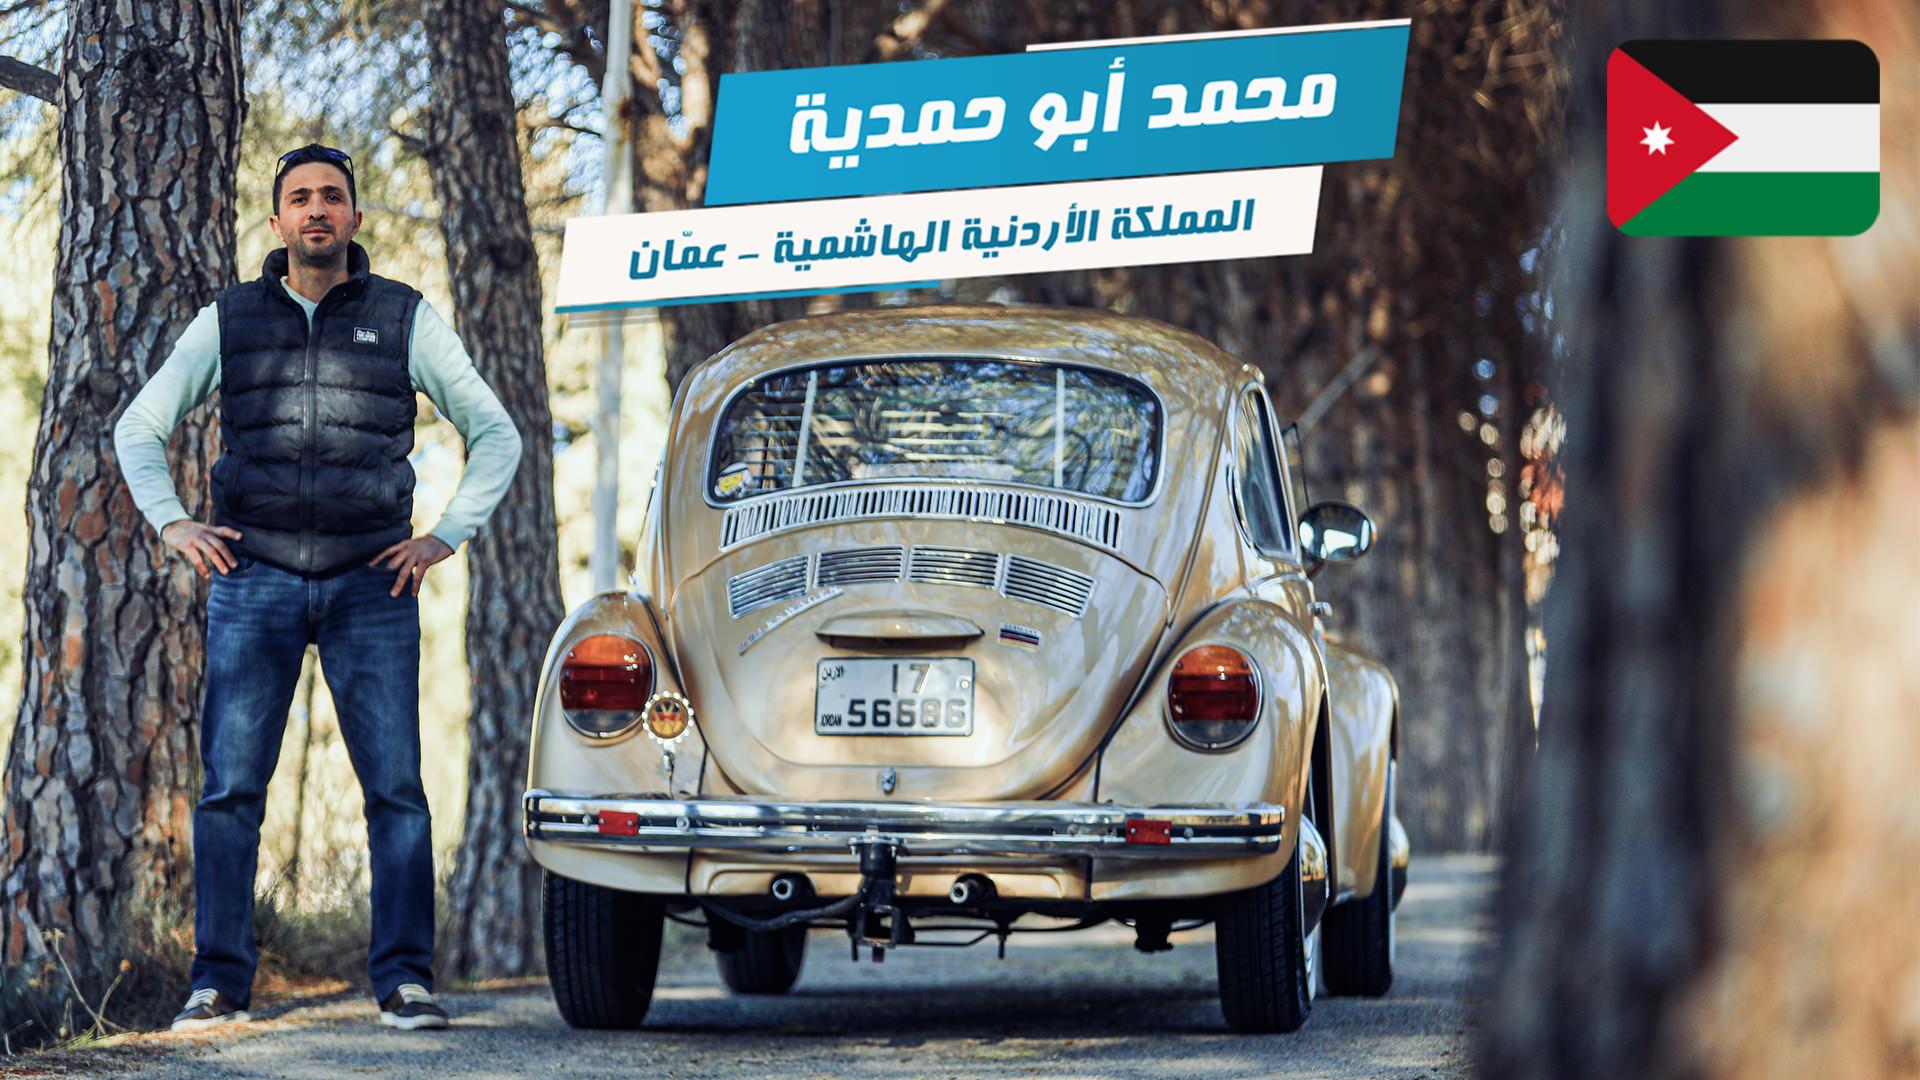 سيارة بيتل قديمة تشارك في مسابقة فولكس فاجن (7)